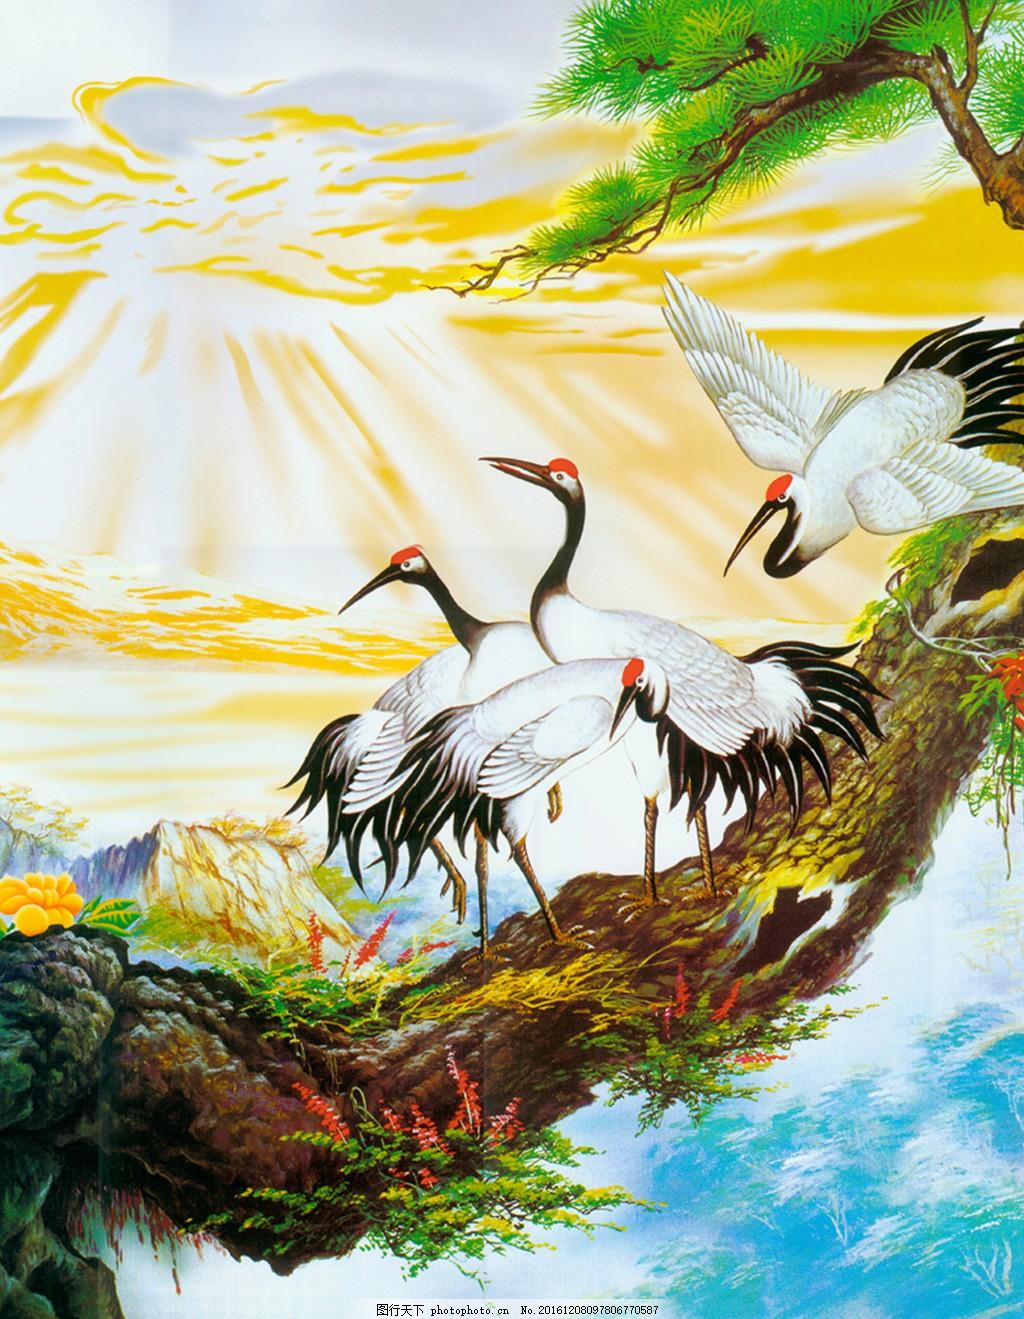 抽象背景图 室内背景图 玄关 装饰画 装饰 装饰设计 白鹤树木风景装饰